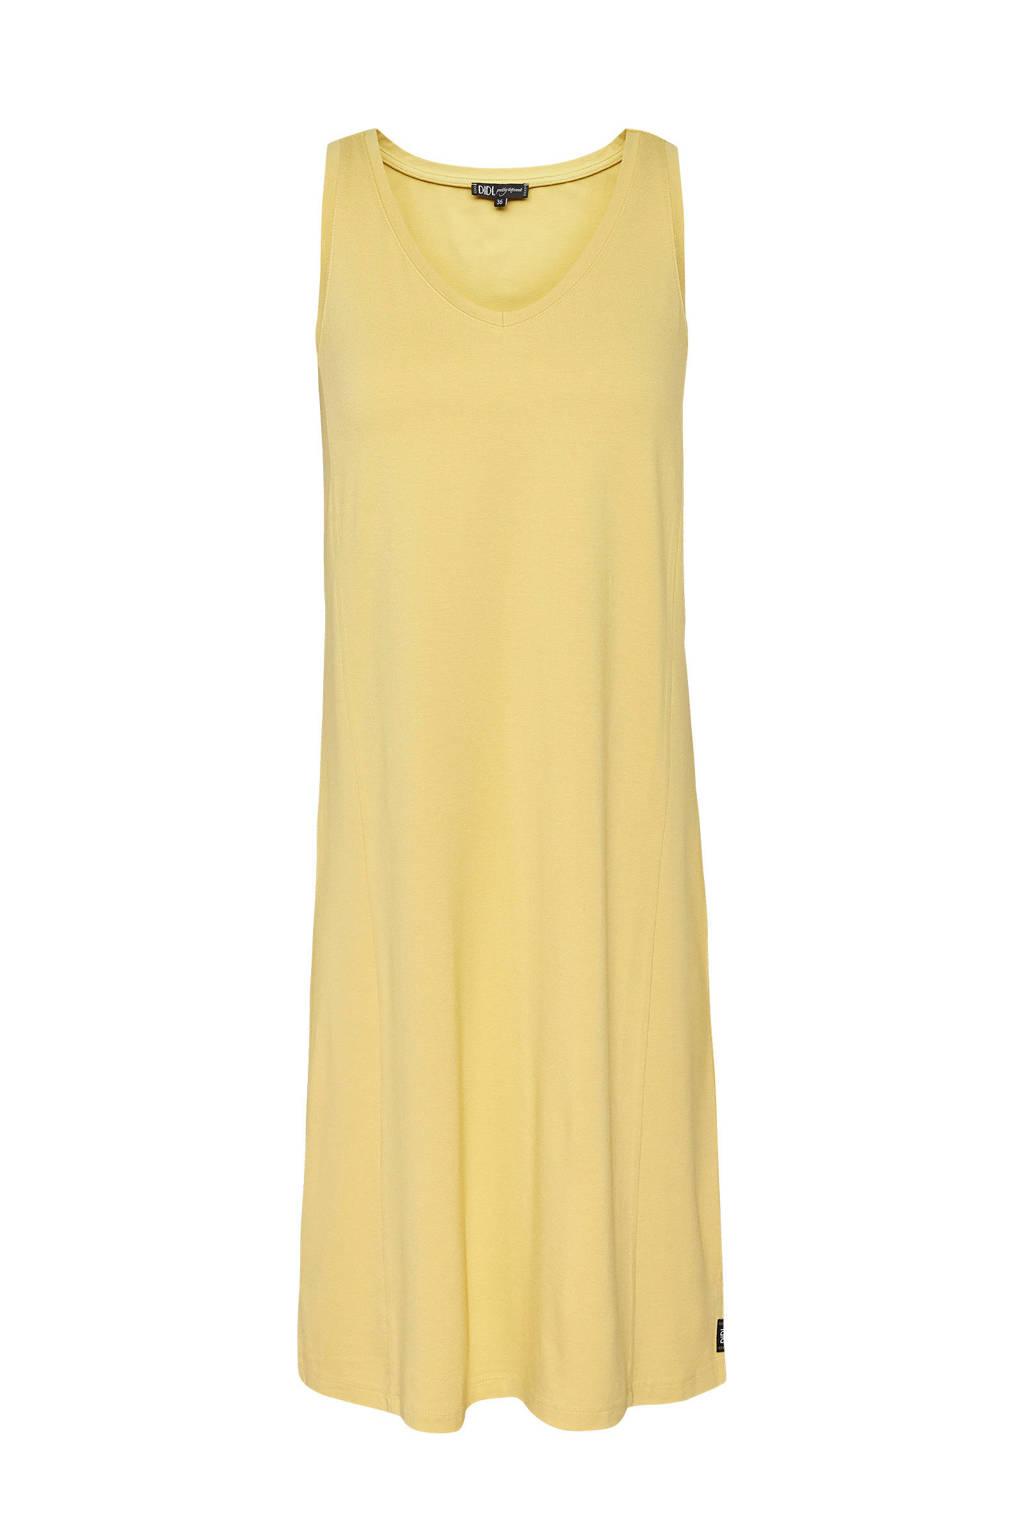 Didi jurk met V-hals geel, Geel